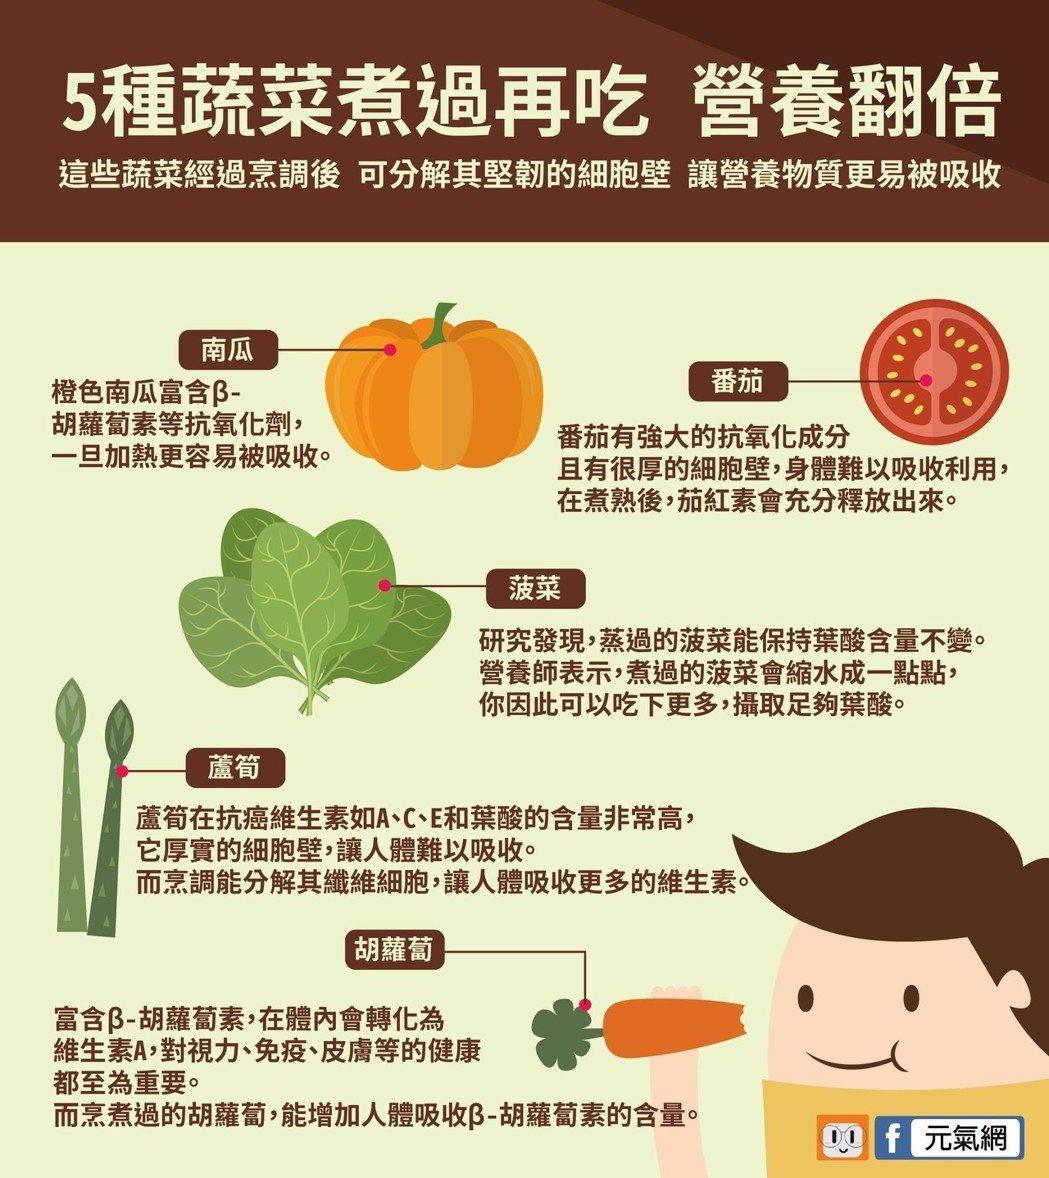 胡蘿蔔、南瓜、番茄、菠菜、蘆筍煮過再吃 營養翻倍。製圖/黃琬淑